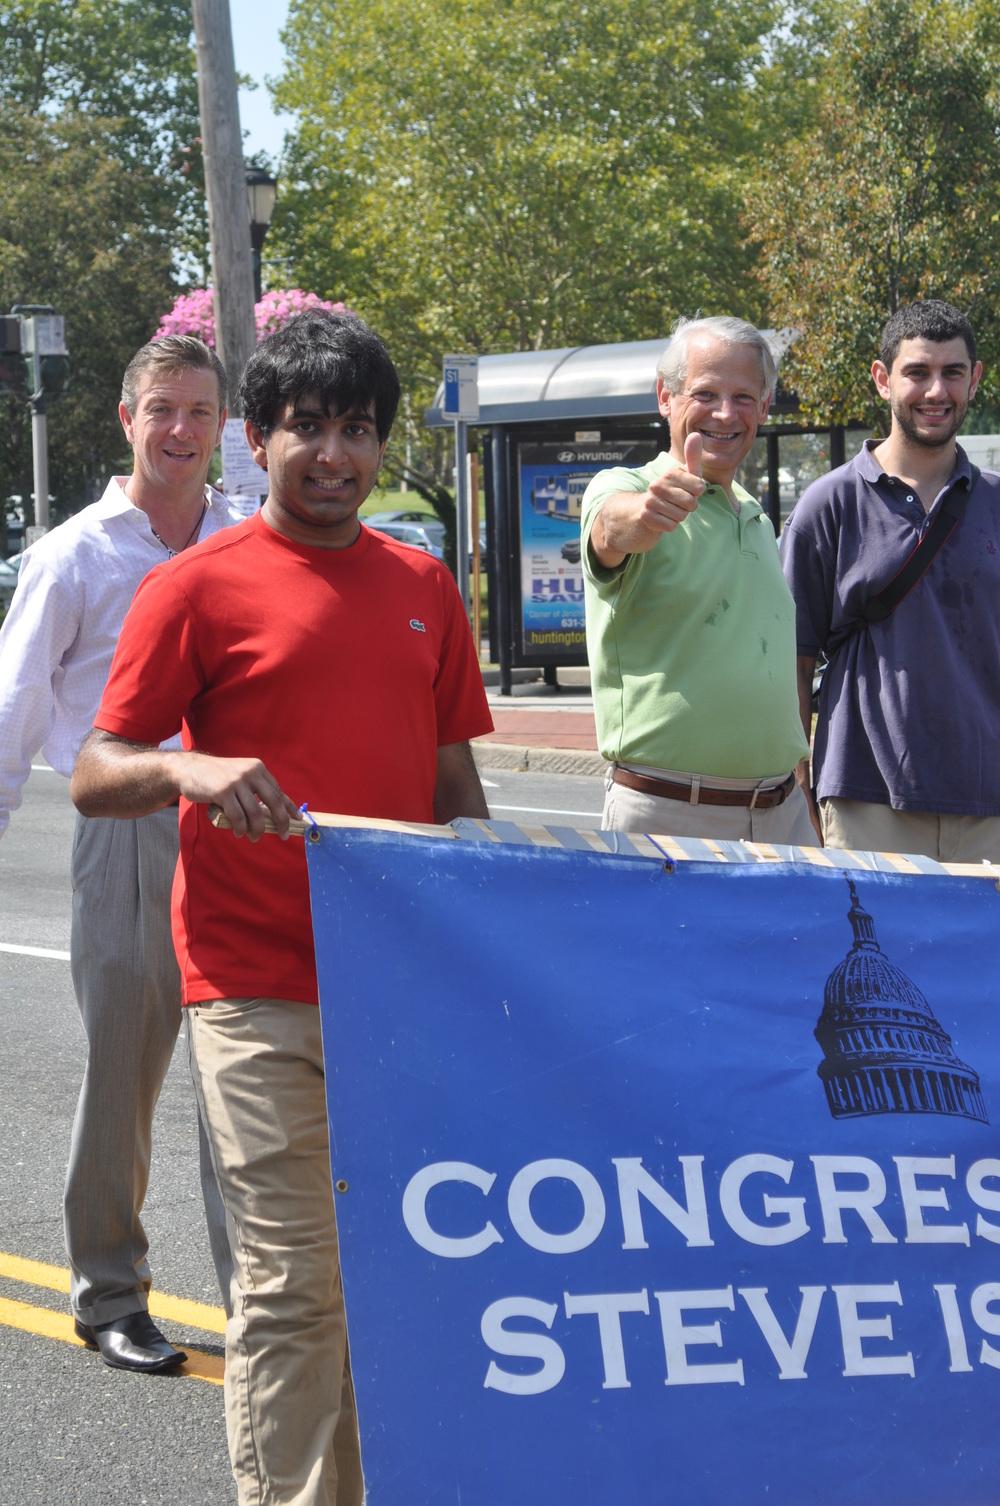 Congressman Steve Israel at the parade.